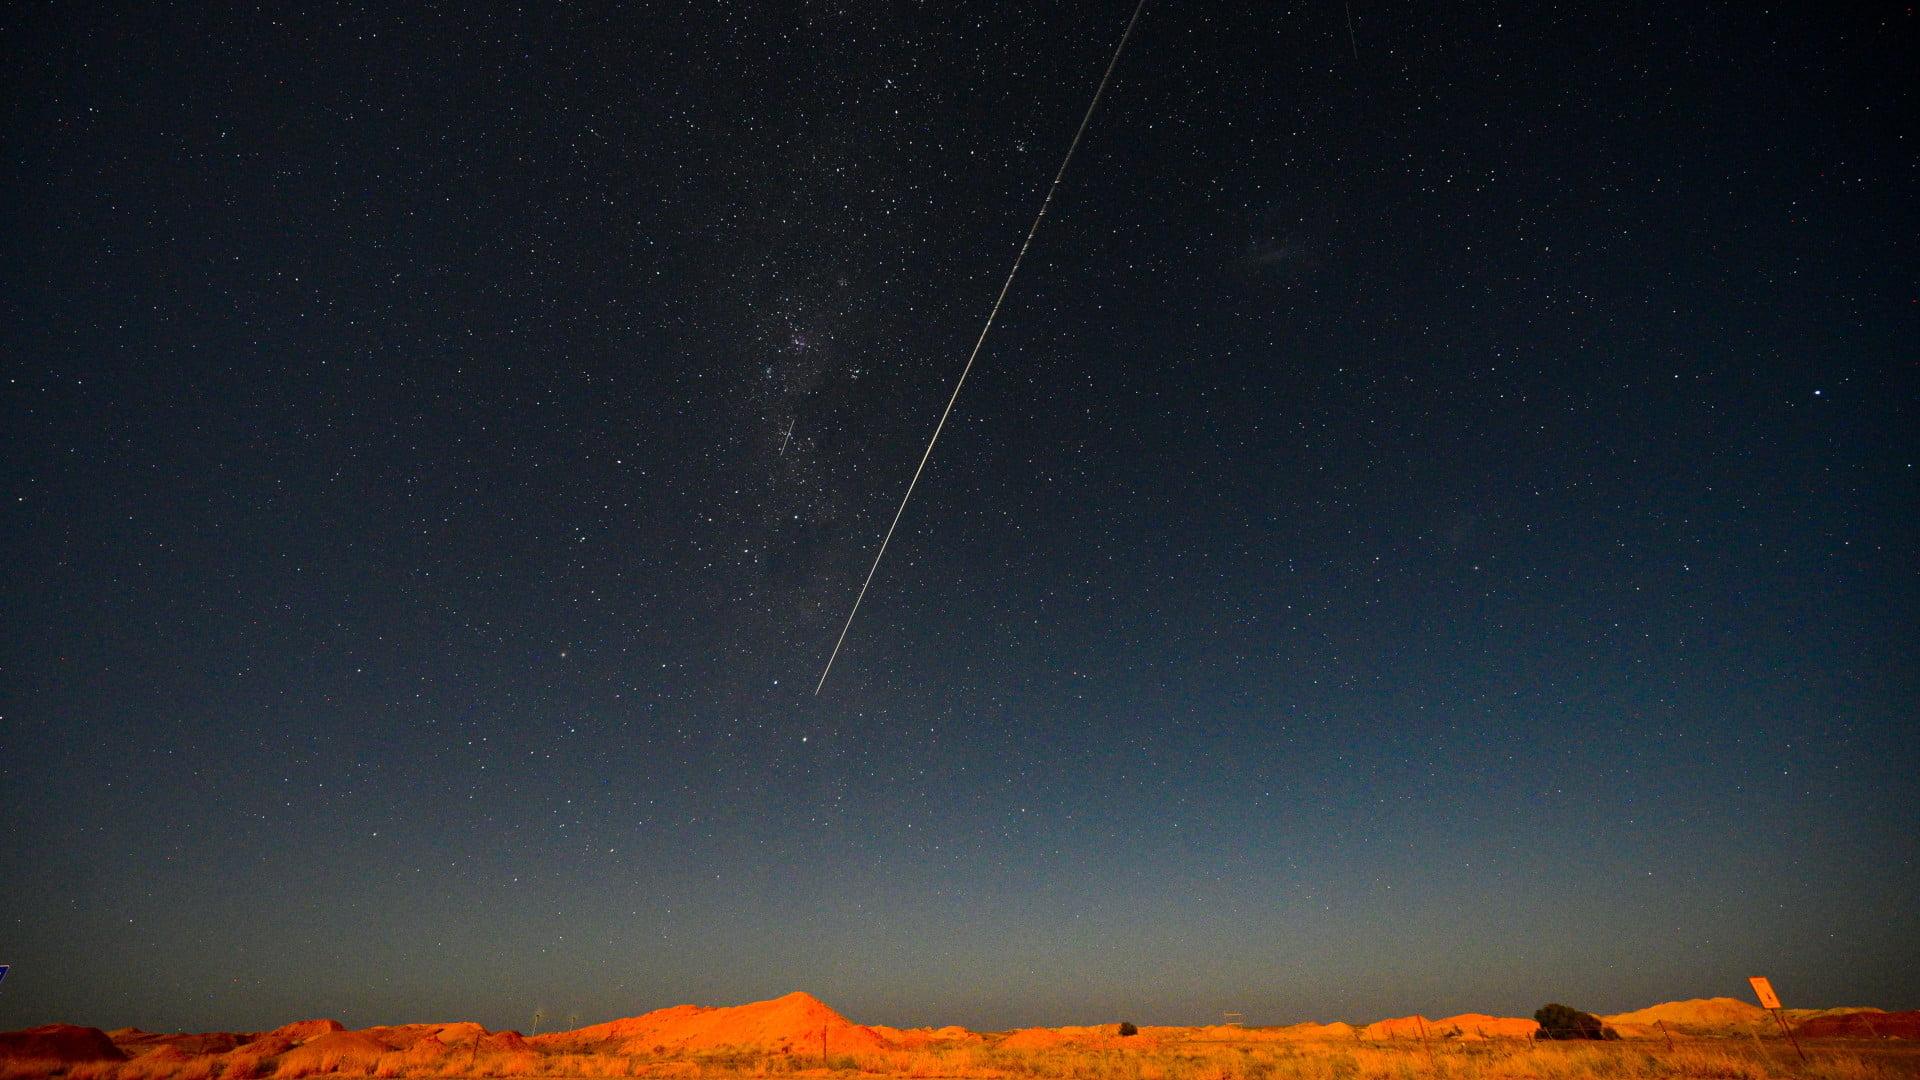 「はやぶさ 2 から切り離されたカプセル落下の瞬間」オーストラリア, ウーメラ (© MORGAN SETTE/Getty Images)